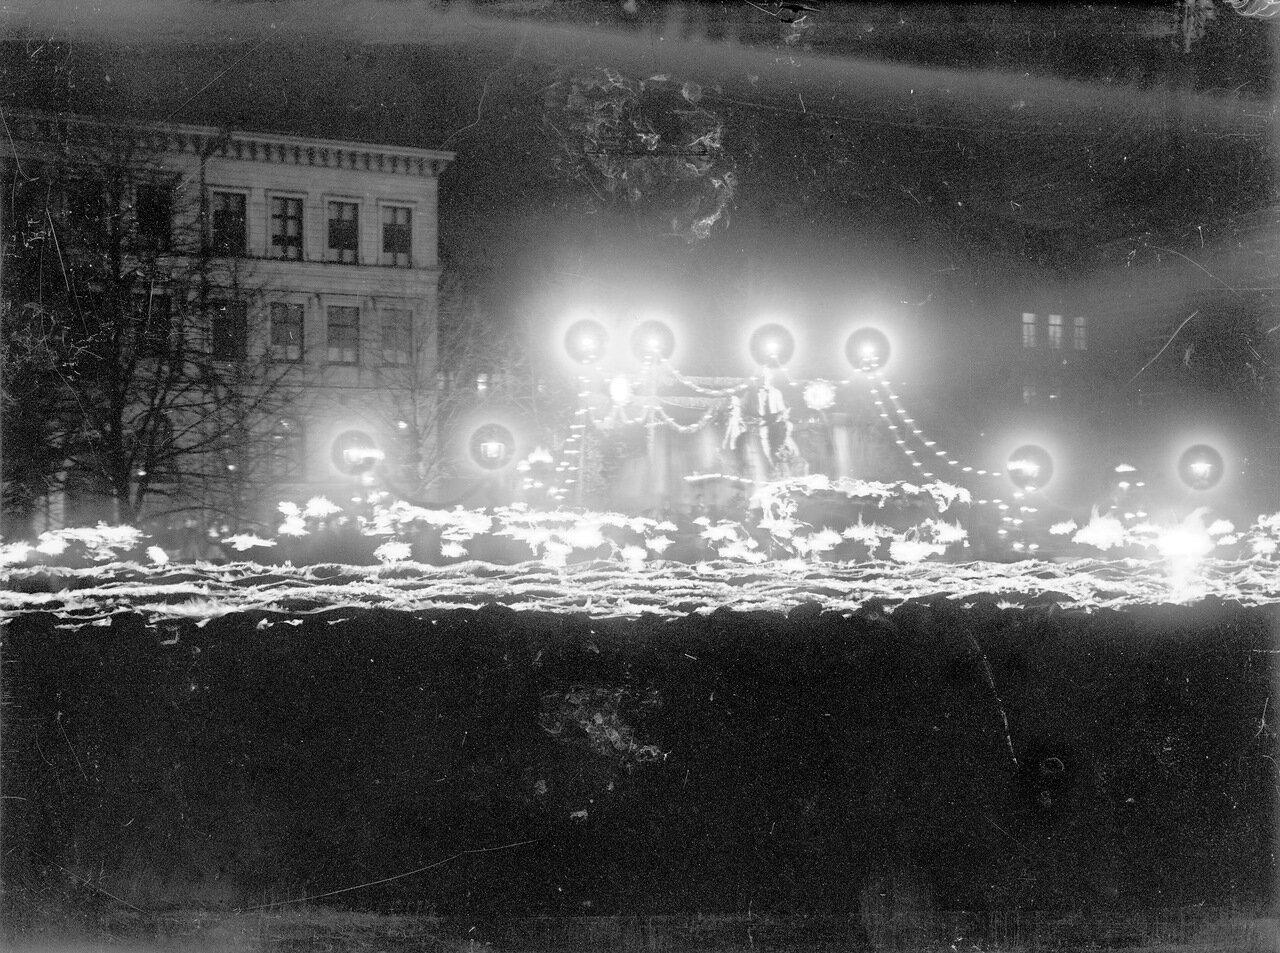 Открытие памятника Элиасу Лённроту на Лоннотинкату ночью в октябре 1902 года.